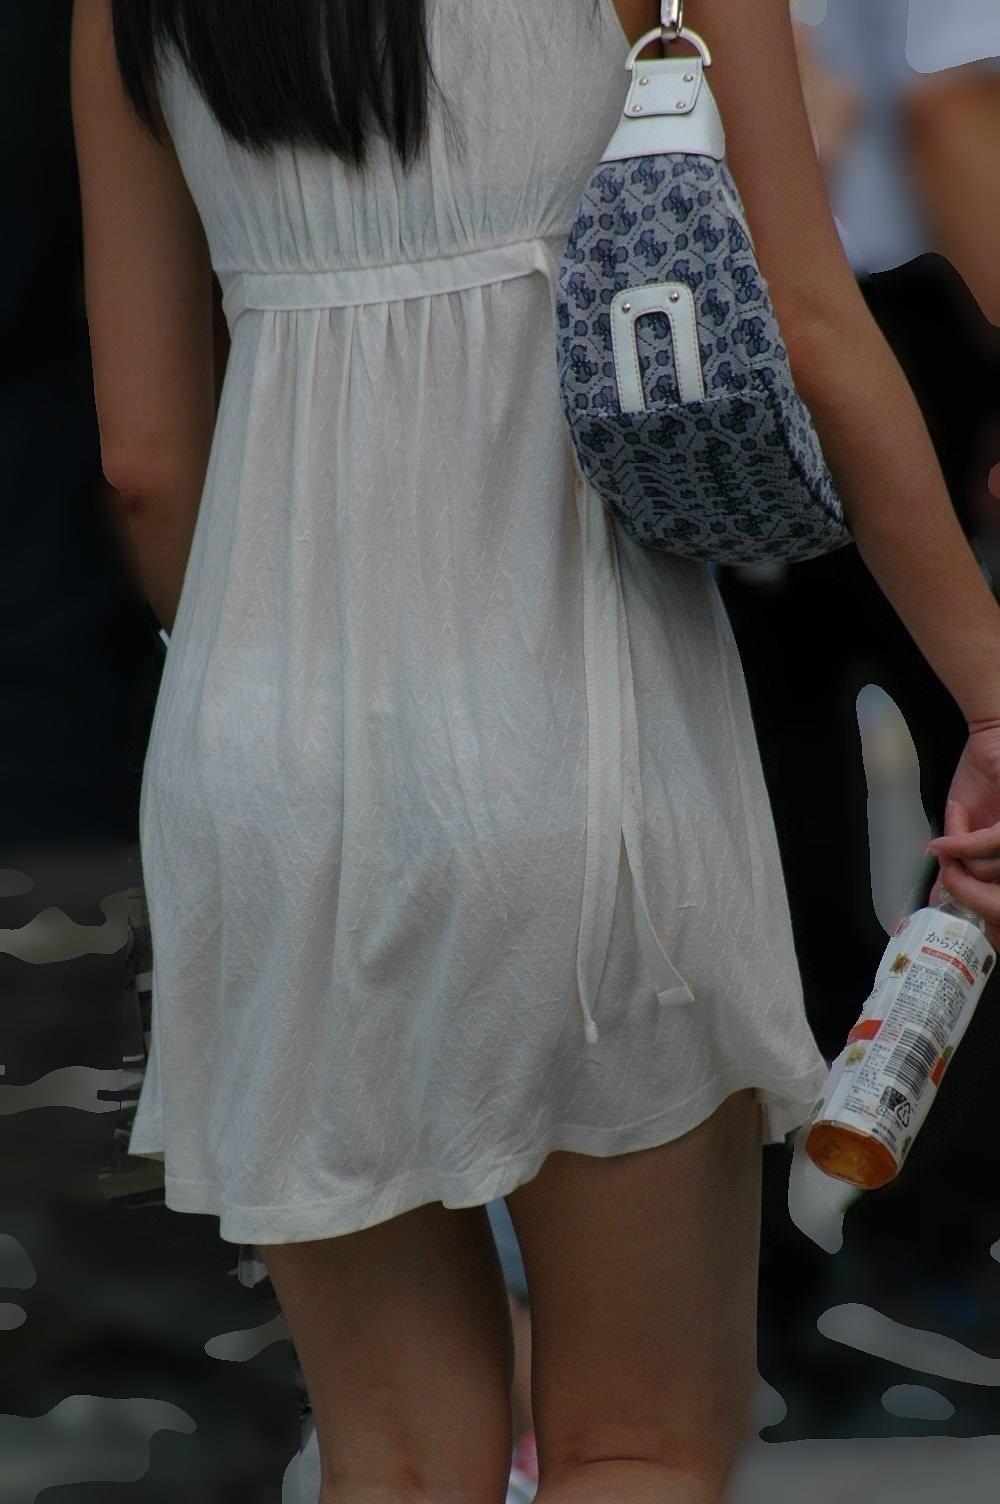 街で女のお尻を直視するのがワイの嗜み!高確率で透けパンツに出会えるぞぉーwww 1144